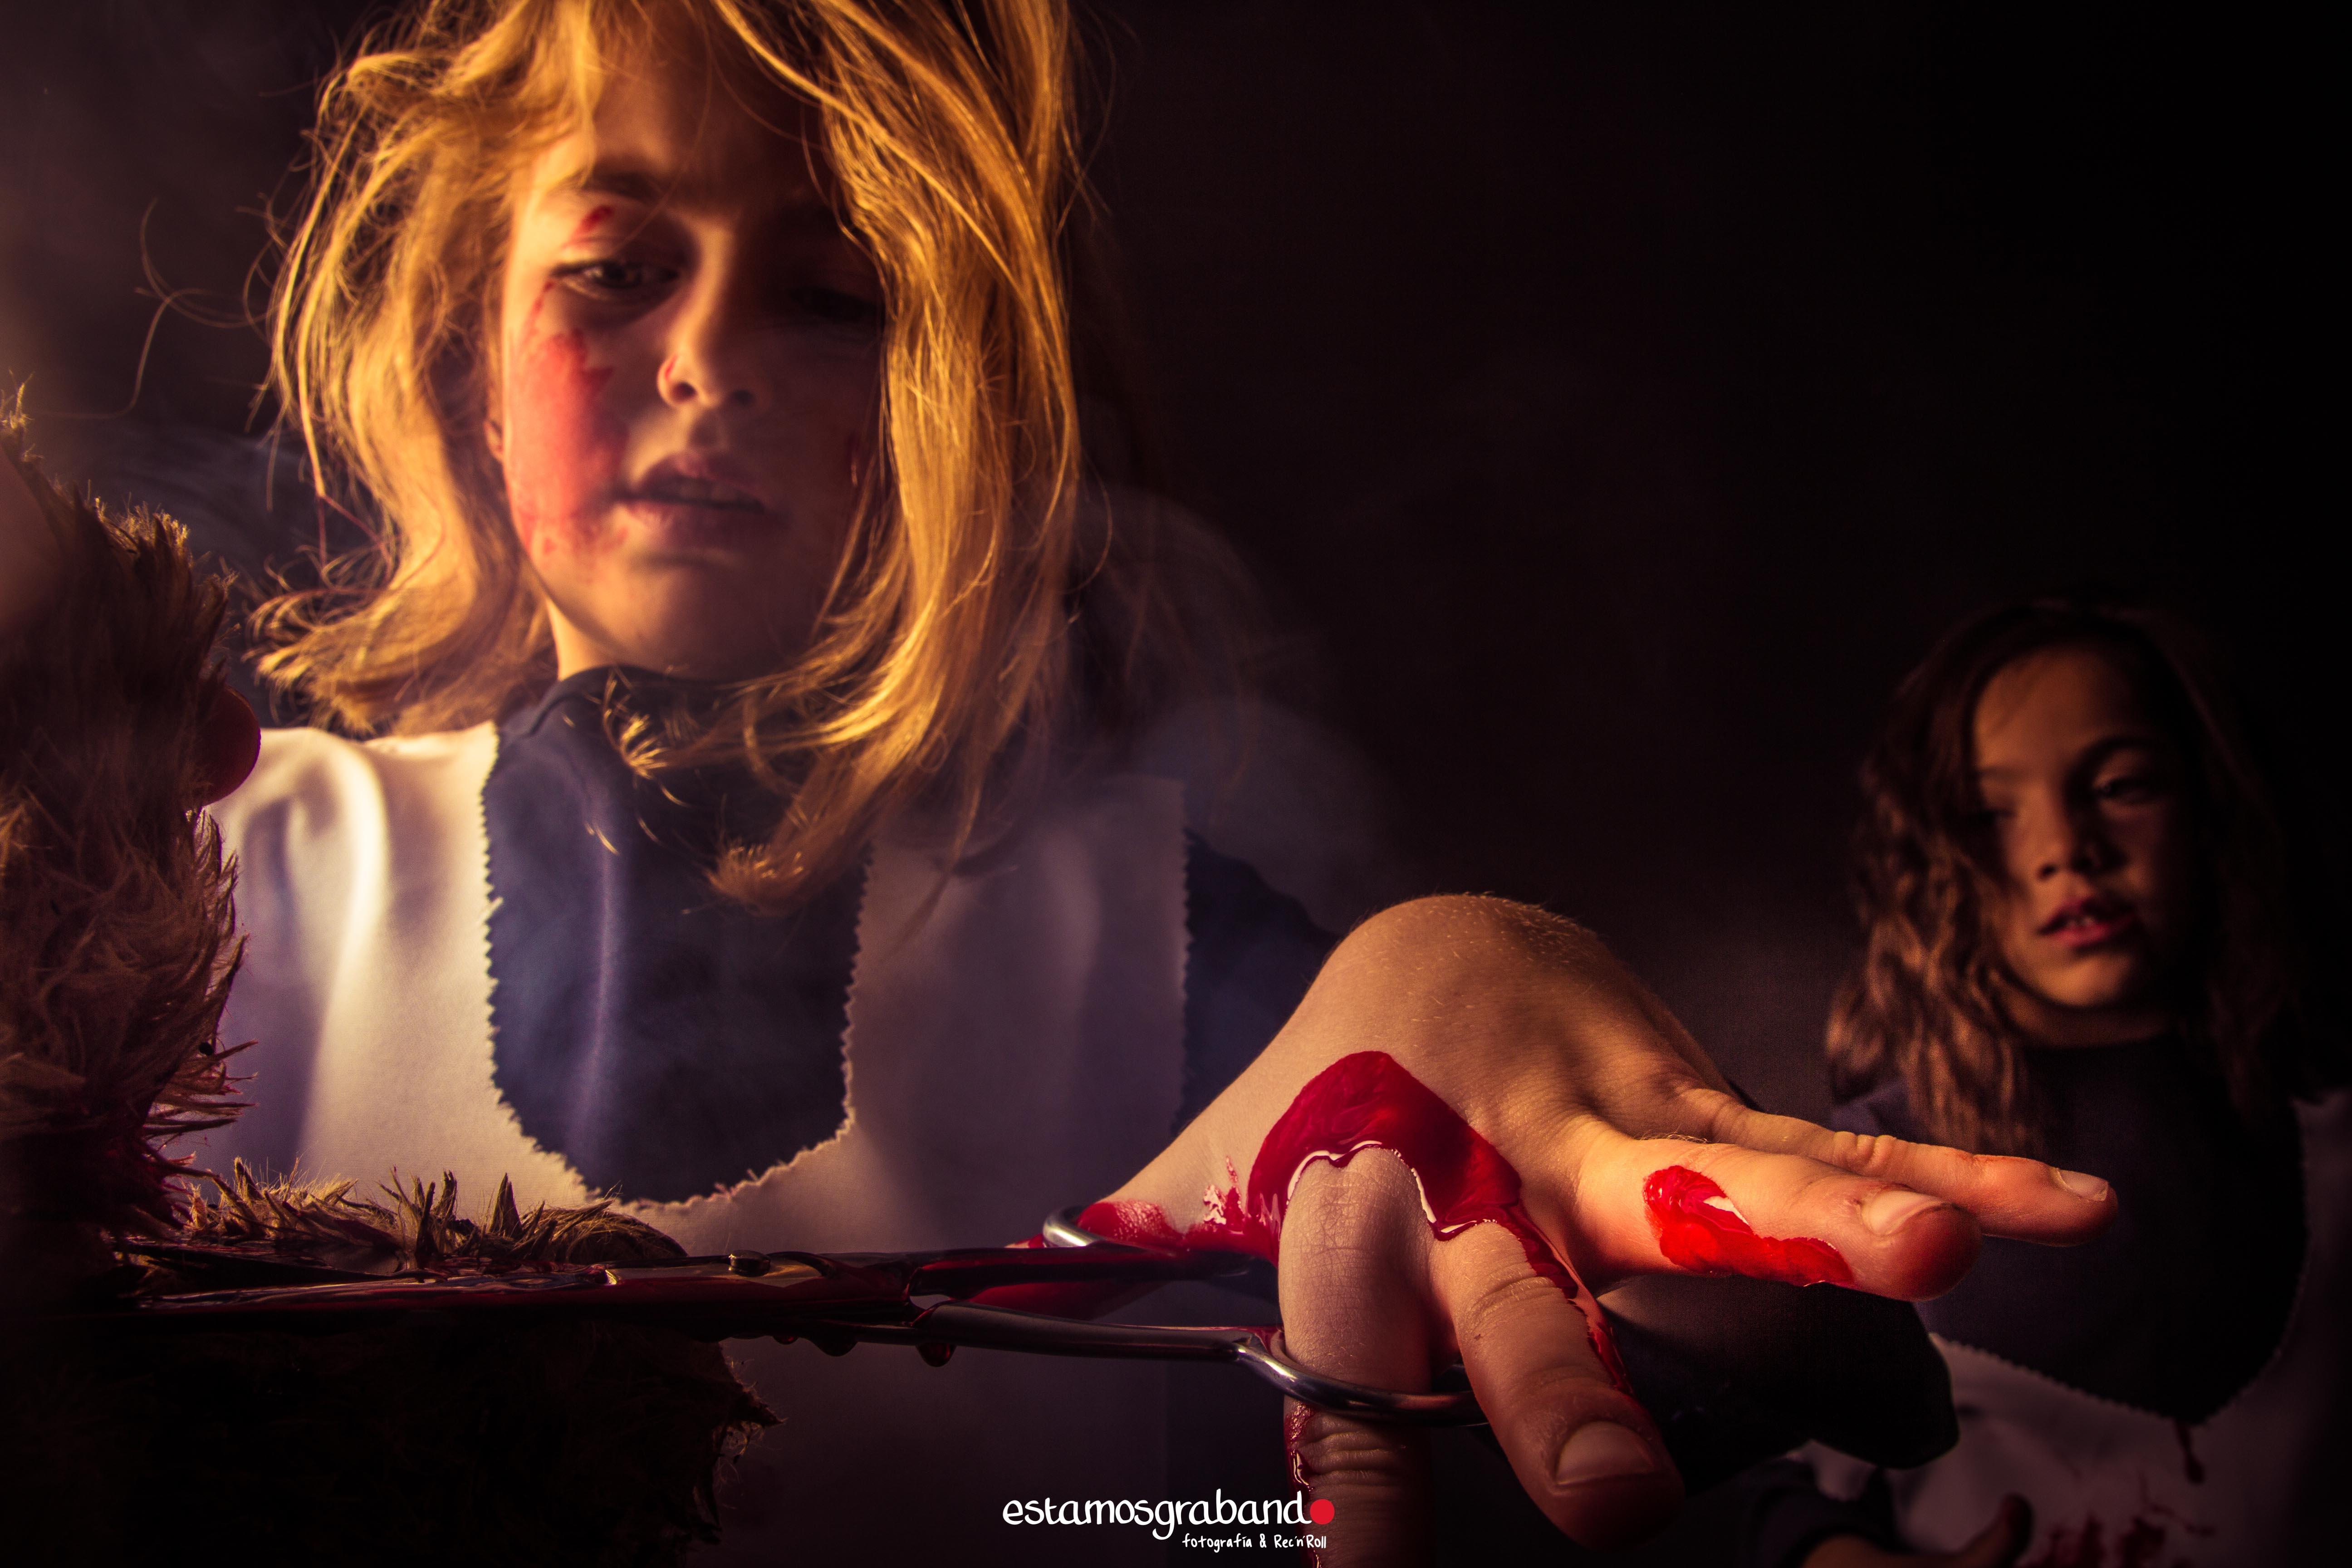 Halloween_estamosgrabando-51 Sesiones Terroríficas Volumen I_Fotografía Halloween - video boda cadiz